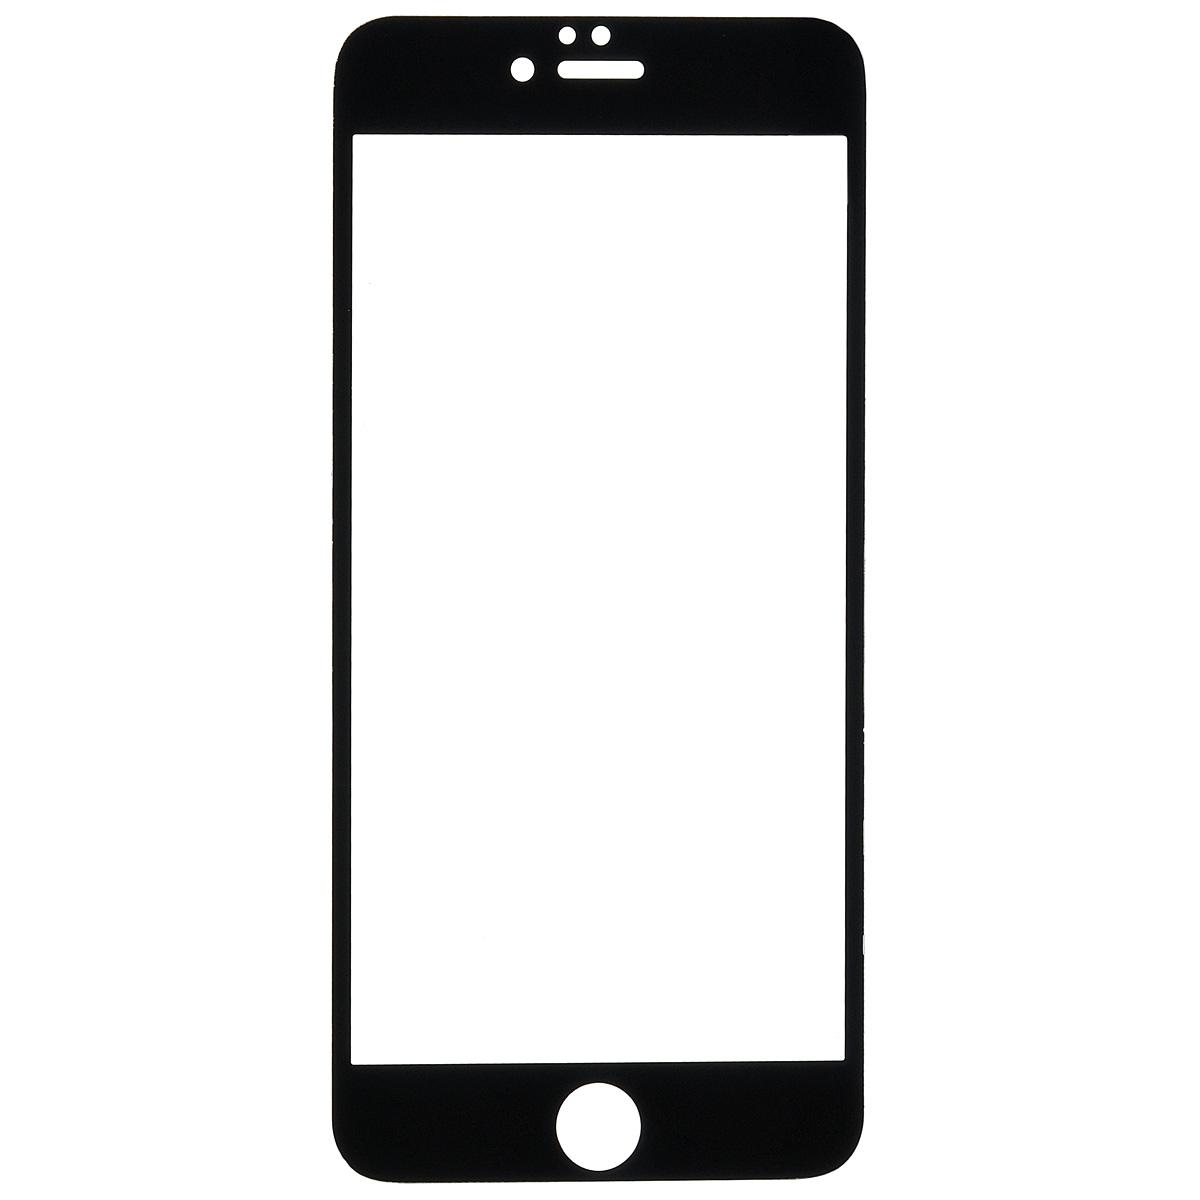 Highscreen защитное стекло для iPhone 6 Plus, черная рамка22888Защитное стекло Highscreen для iPhone 6 Plus - надежная защита экрана смартфона от грязи, пыли, отпечатков пальцев и царапин. Стекло изготовлено точно по размеру экрана, отличается кристальной прозрачностью и имеет все необходимые прорези.